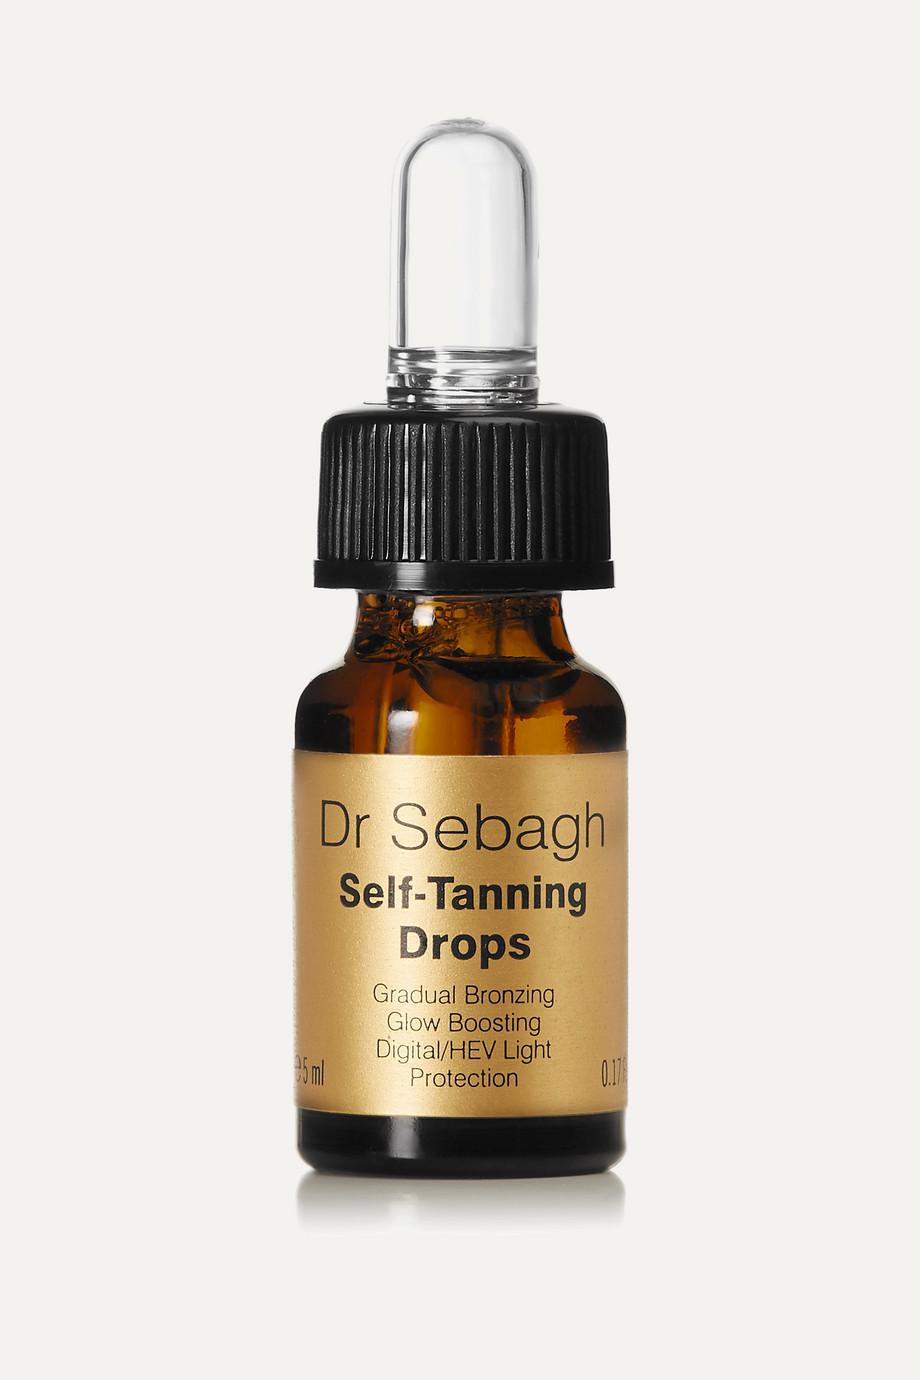 Dr Sebagh Self-Tanning Drops, 5ml